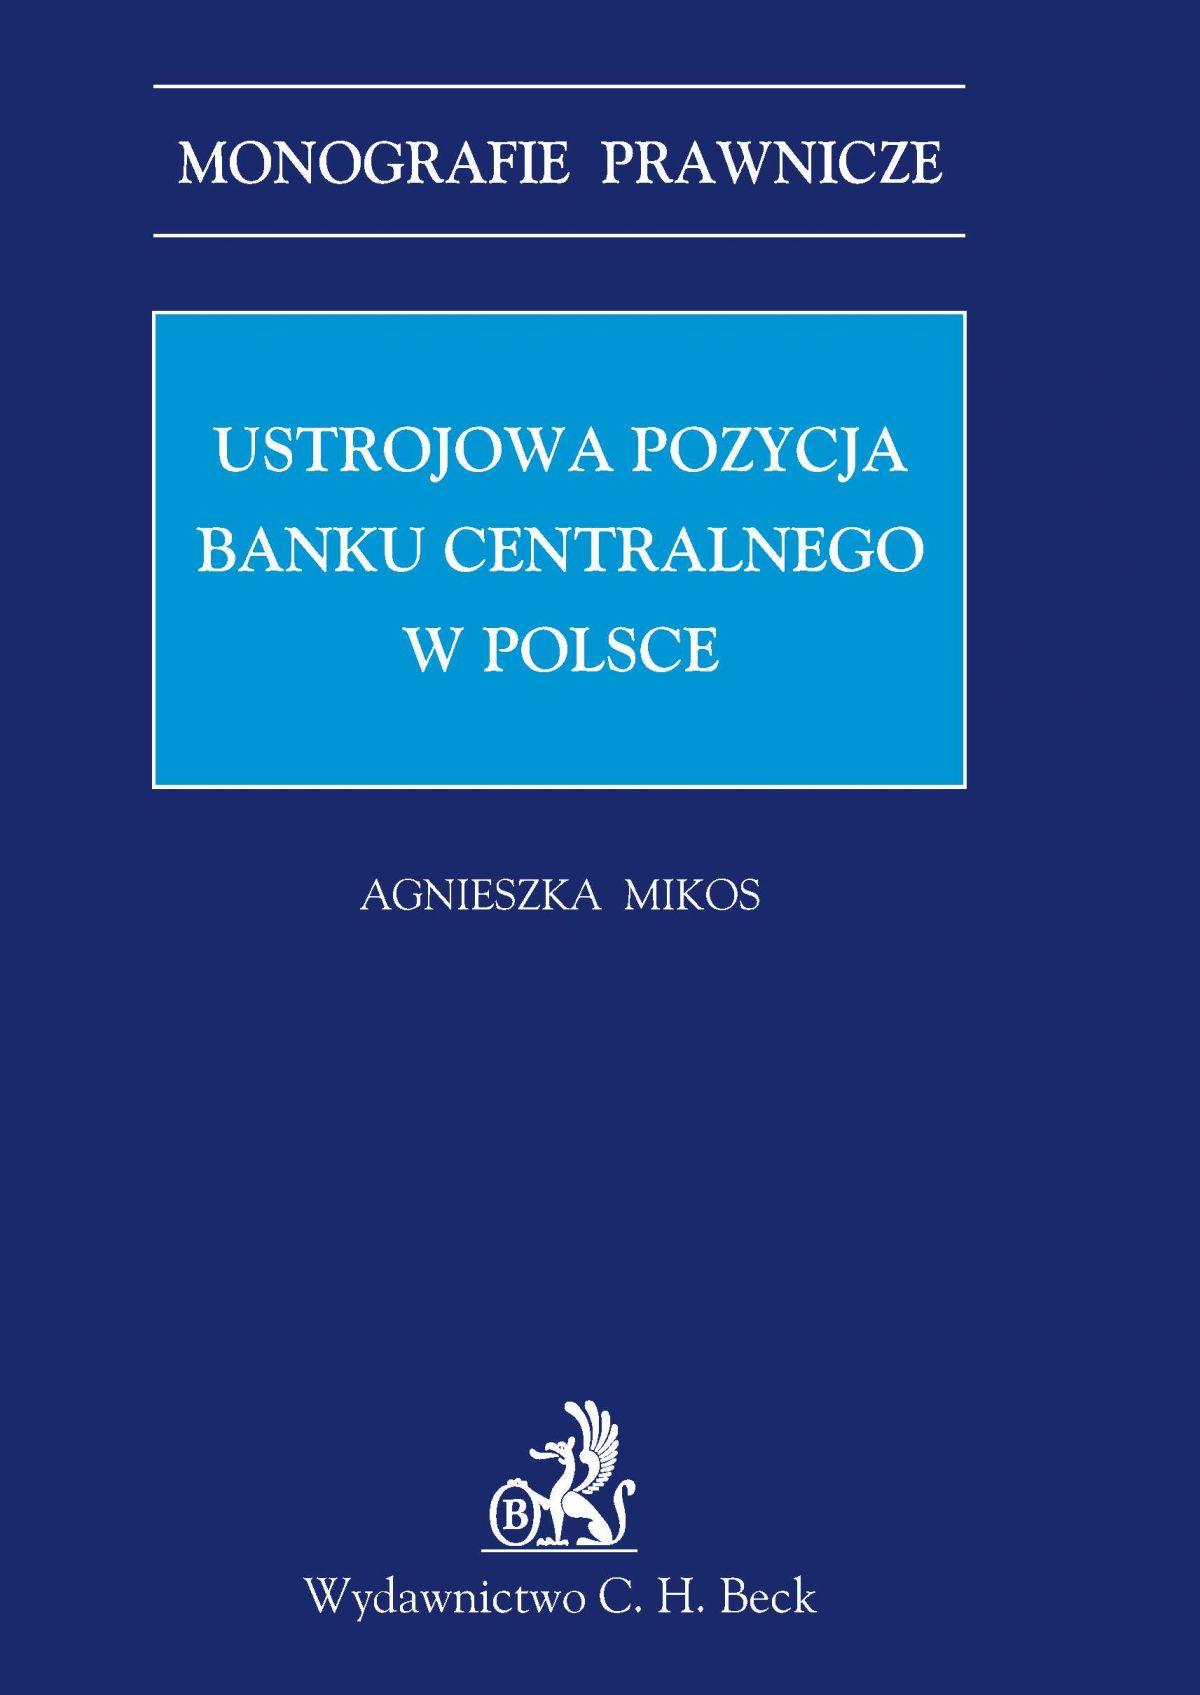 Ustrojowa pozycja banku centralnego w Polsce - Ebook (Książka PDF) do pobrania w formacie PDF